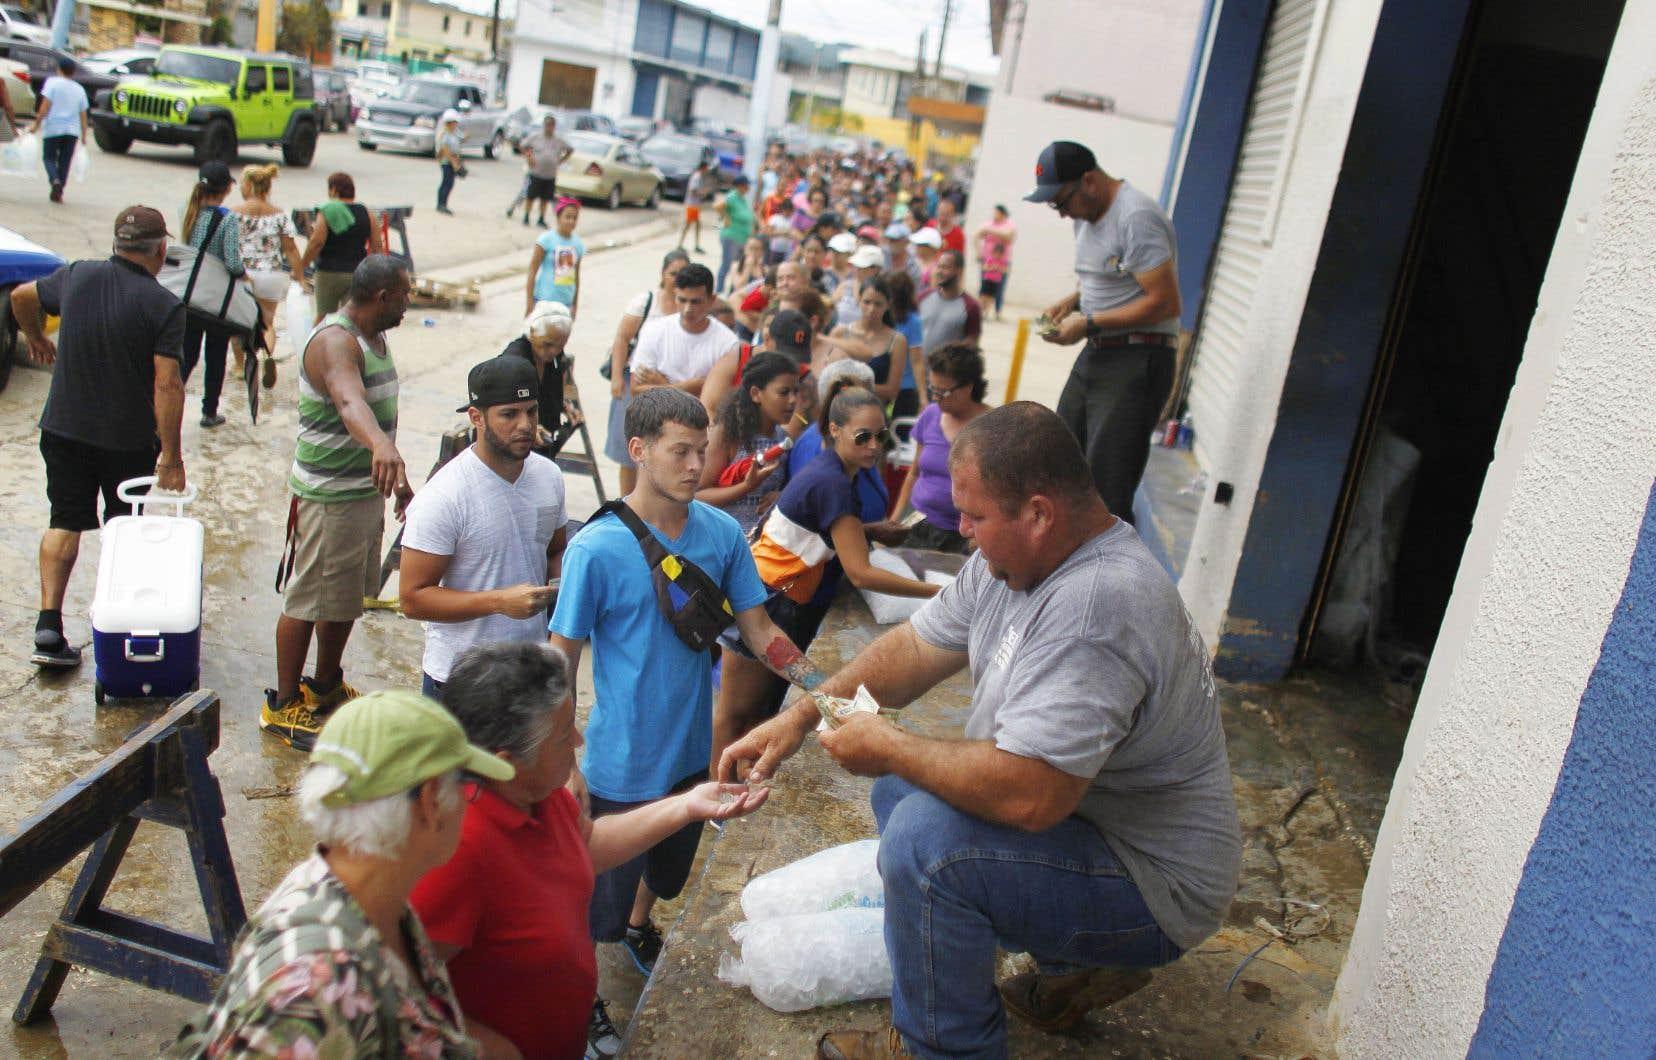 Des gens faisaient la file samedi pour acheter de la glace dans la ville d'Arecibo, à Porto Rico.